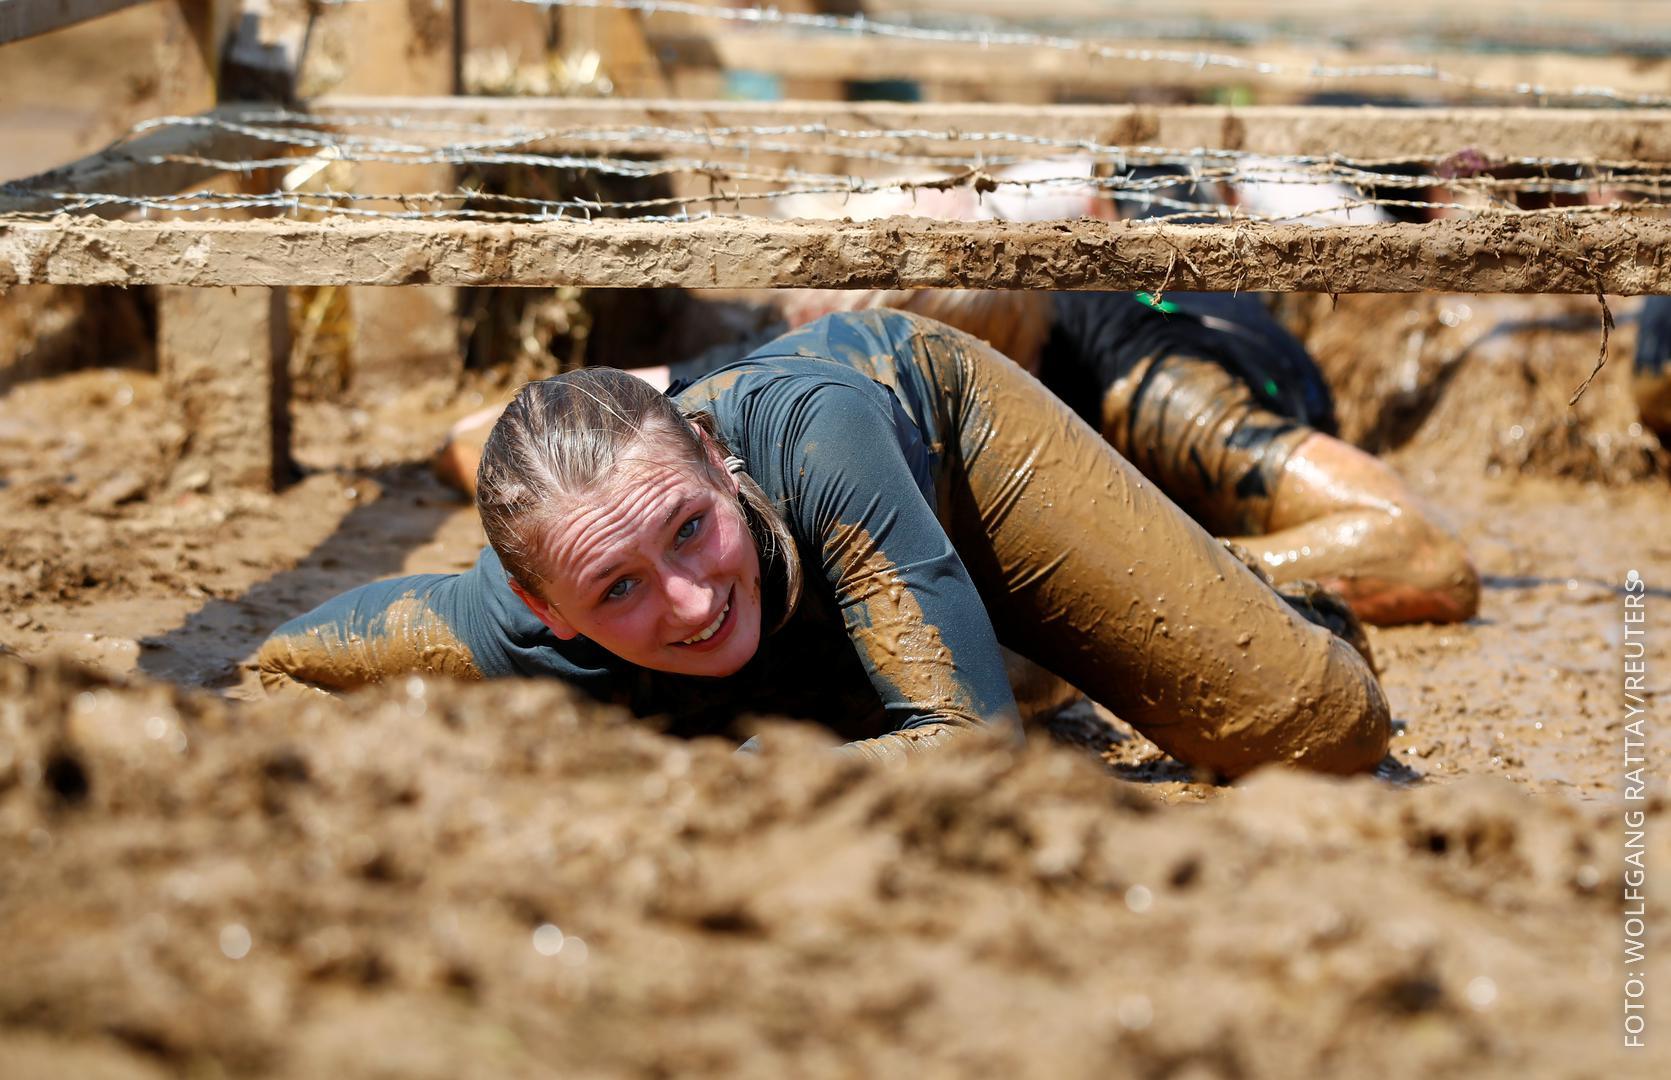 Eine Frau kriecht durch den Schlamm beim Tough-Mudder-Lauf.